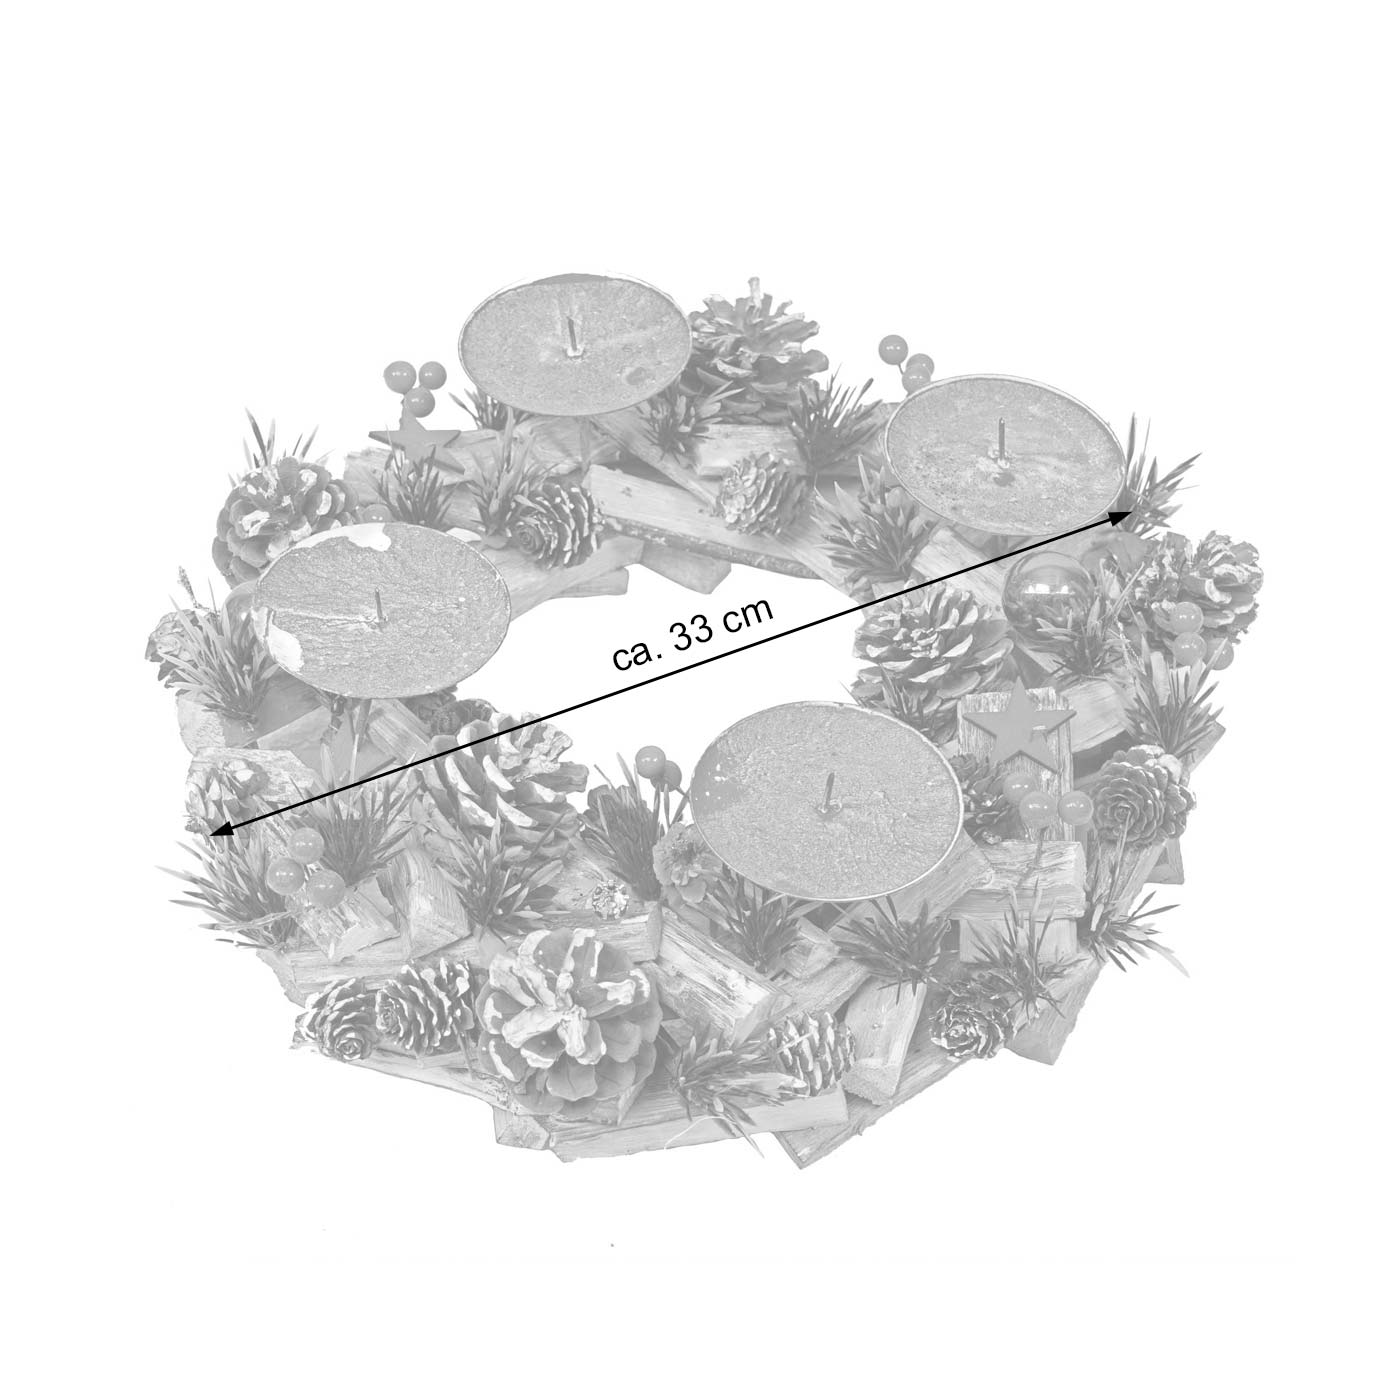 HWC-H50 Bemaßungsbild